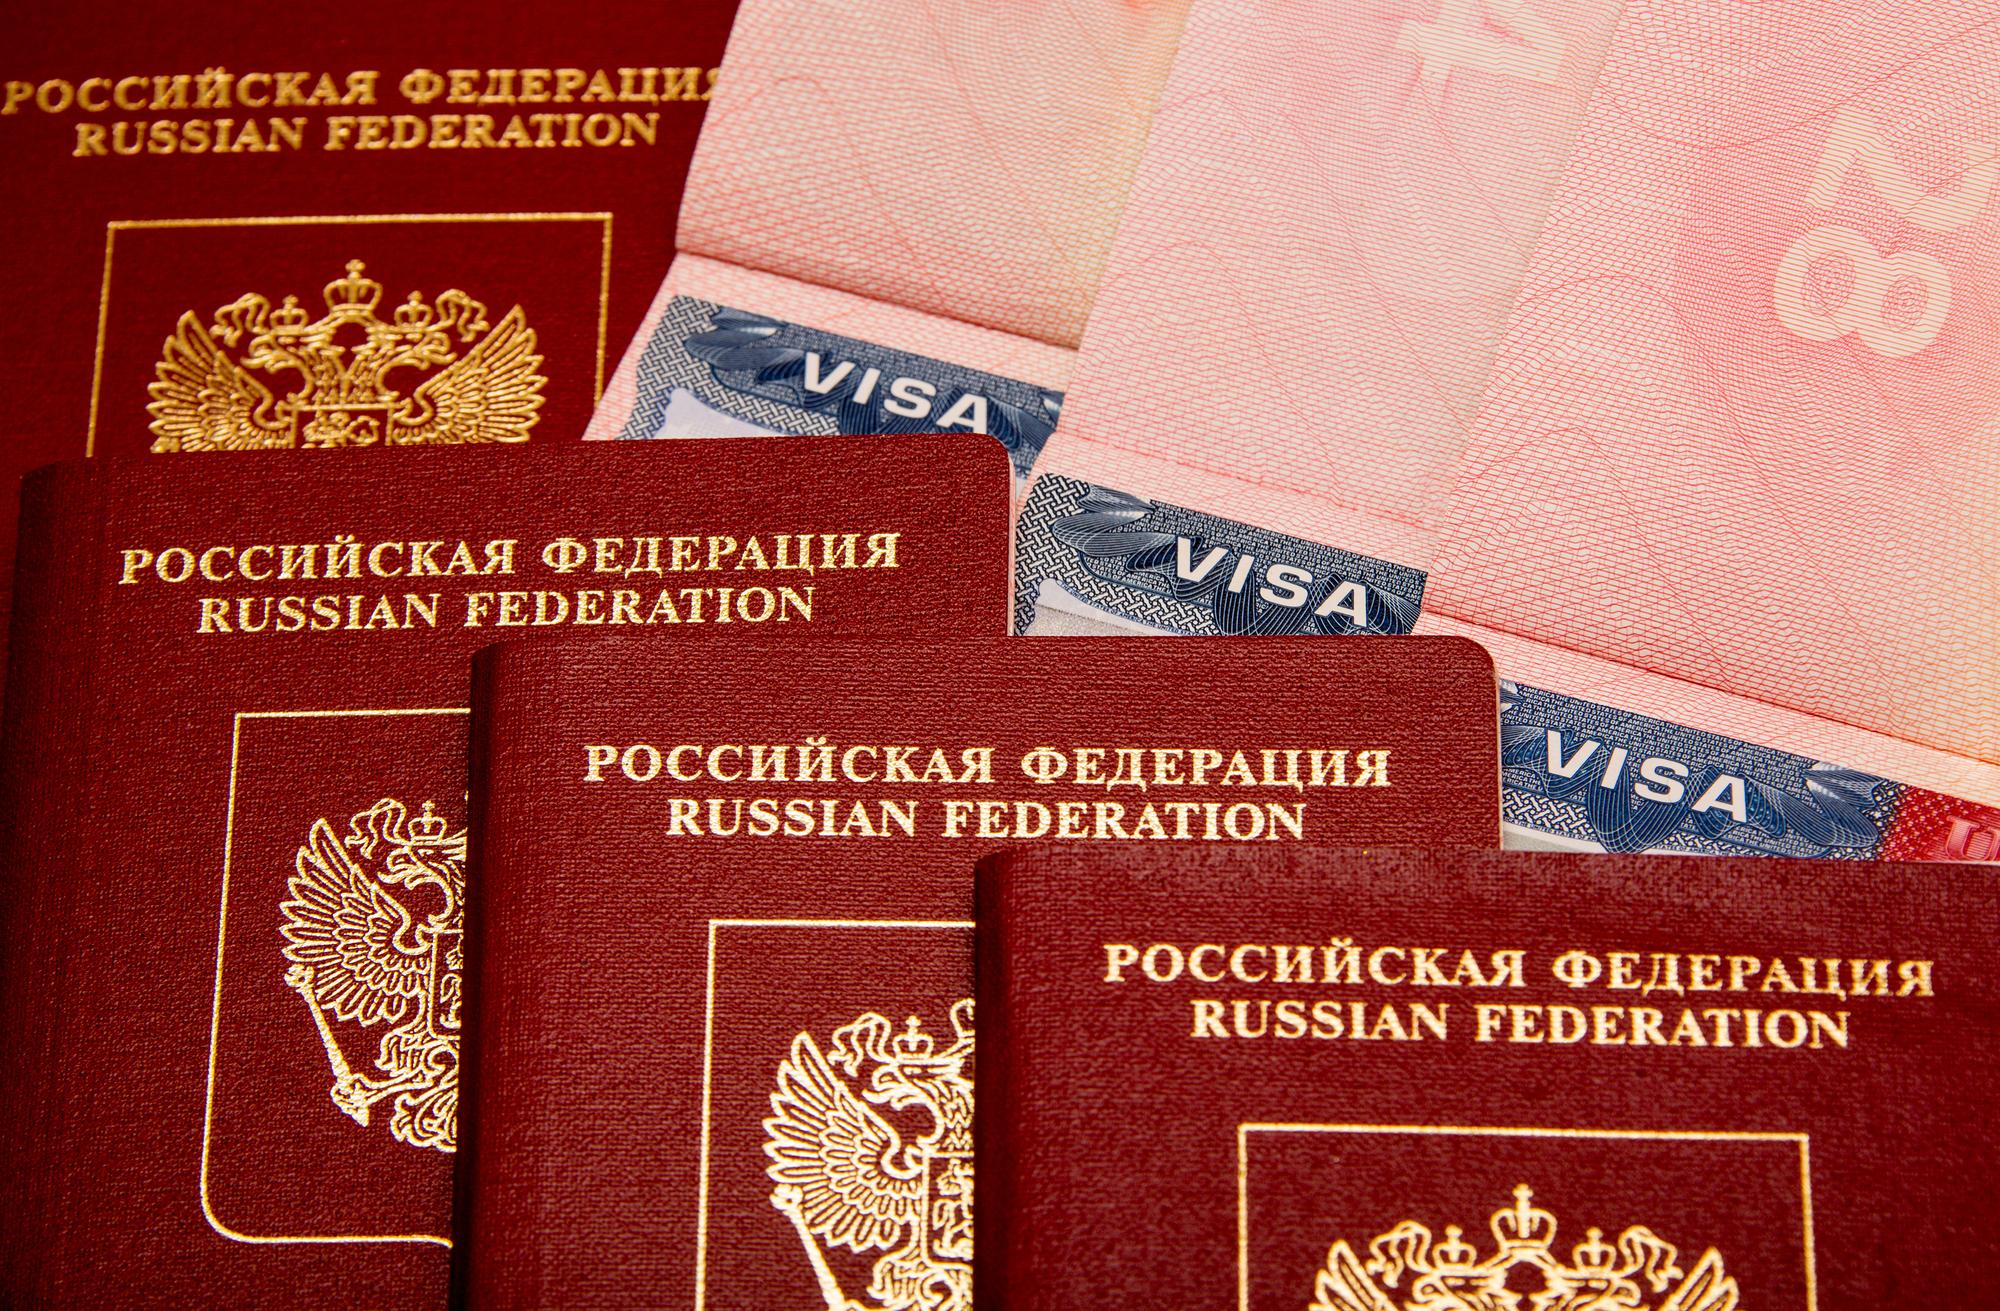 КУДА ПОЕХАТЬ БЕЗ ВИЗЫ? СПИСОК СТРАН ДЛЯ РОССИЯН — 2019